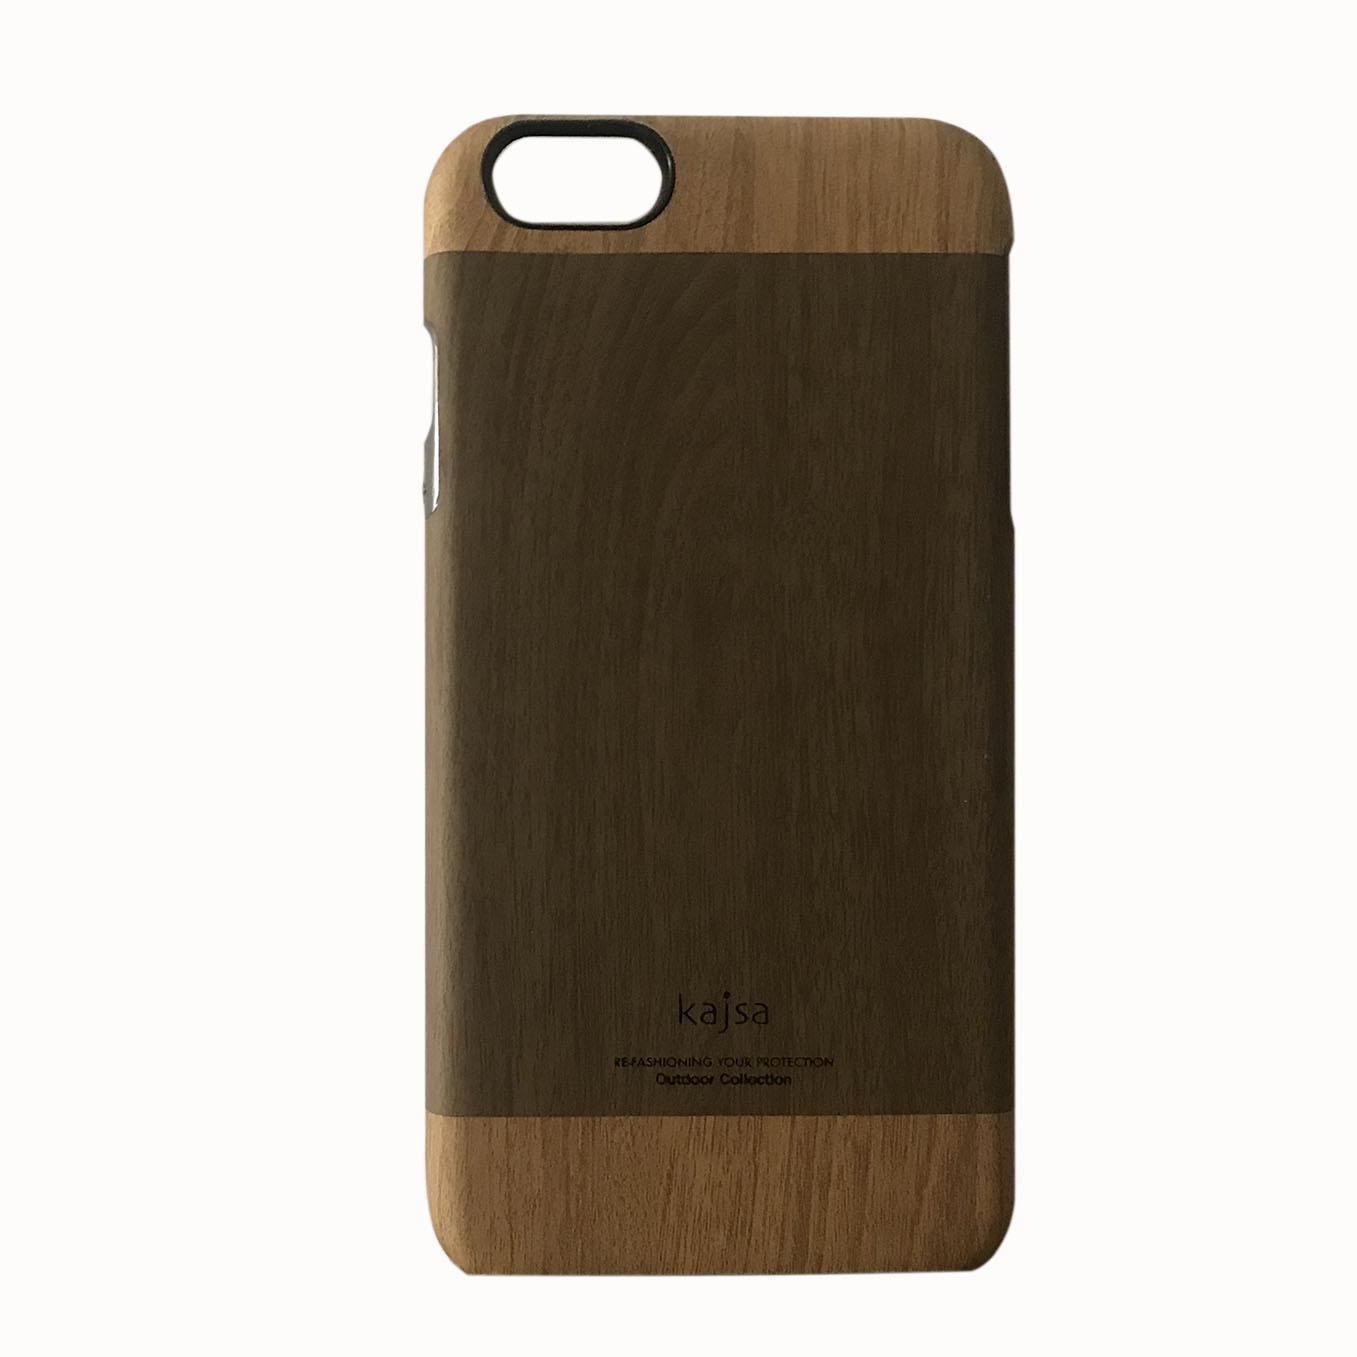 کاور کاجسا مدل Ks-382 مناسب برای گوشی موبایل اپل Iphone 6 Plus